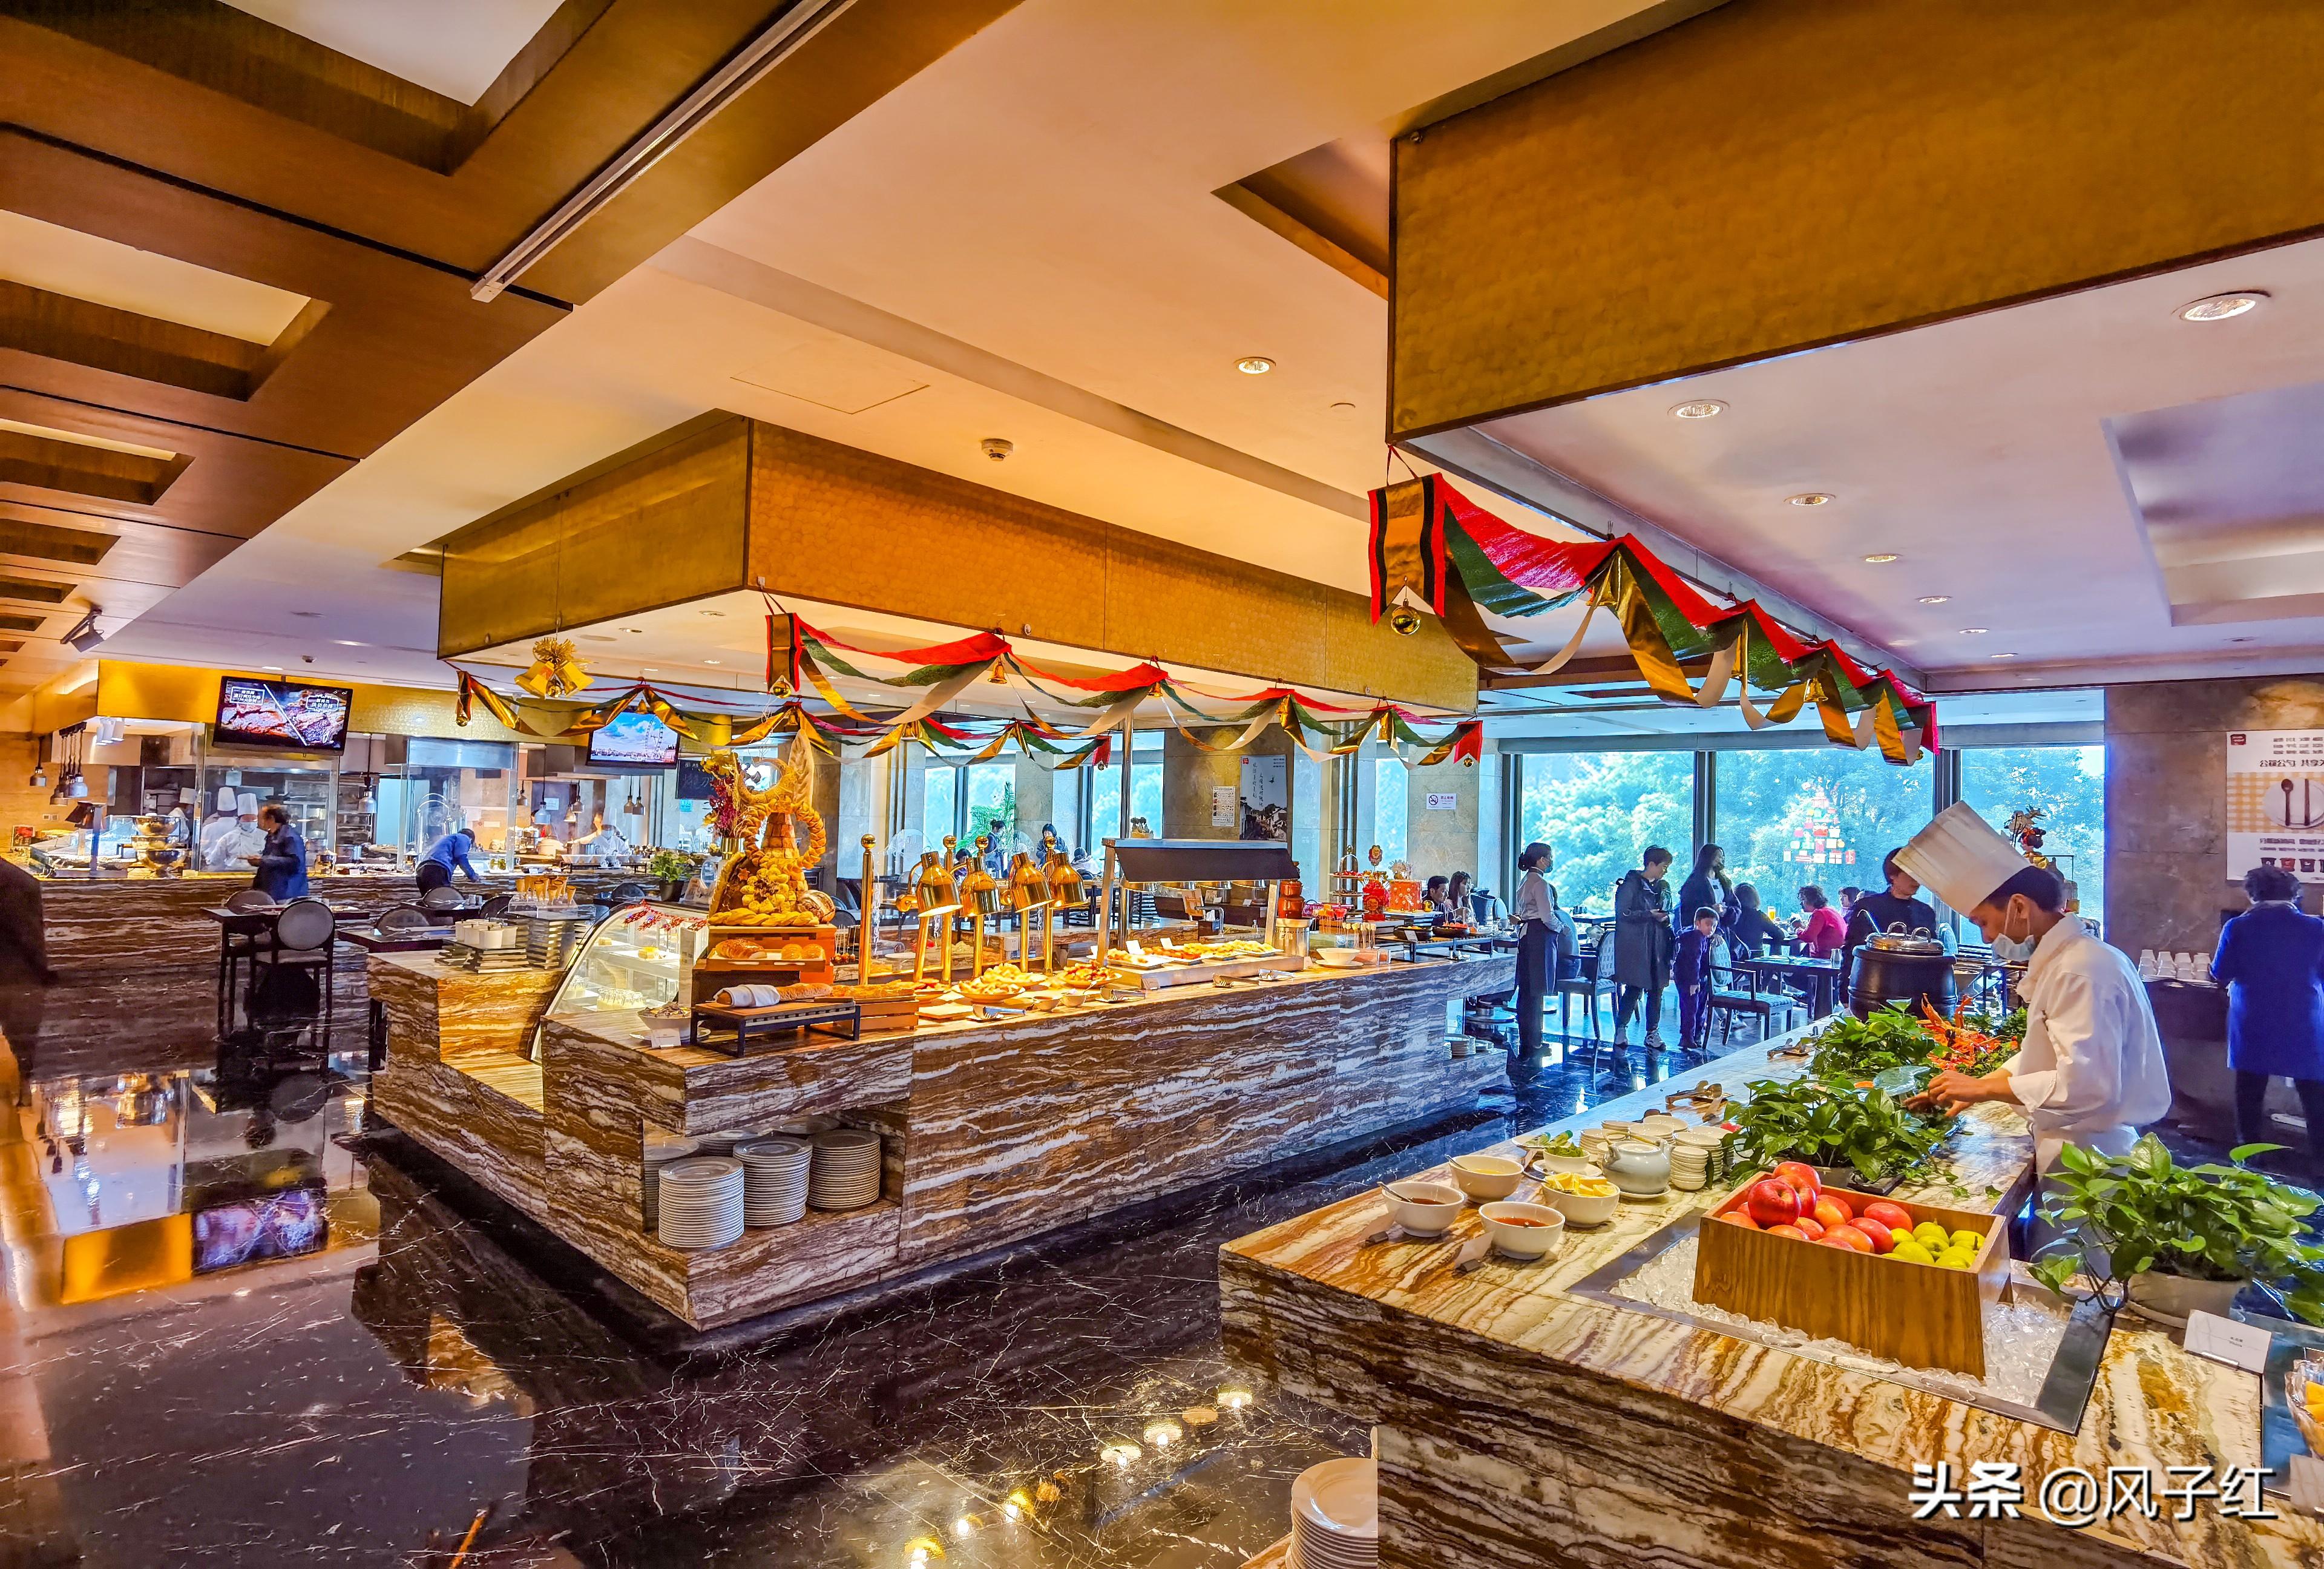 藏在上海一五星旅馆里的海陆自助餐,人均200元吃到撑,珍藏了 特色推选: :上海五星酒店